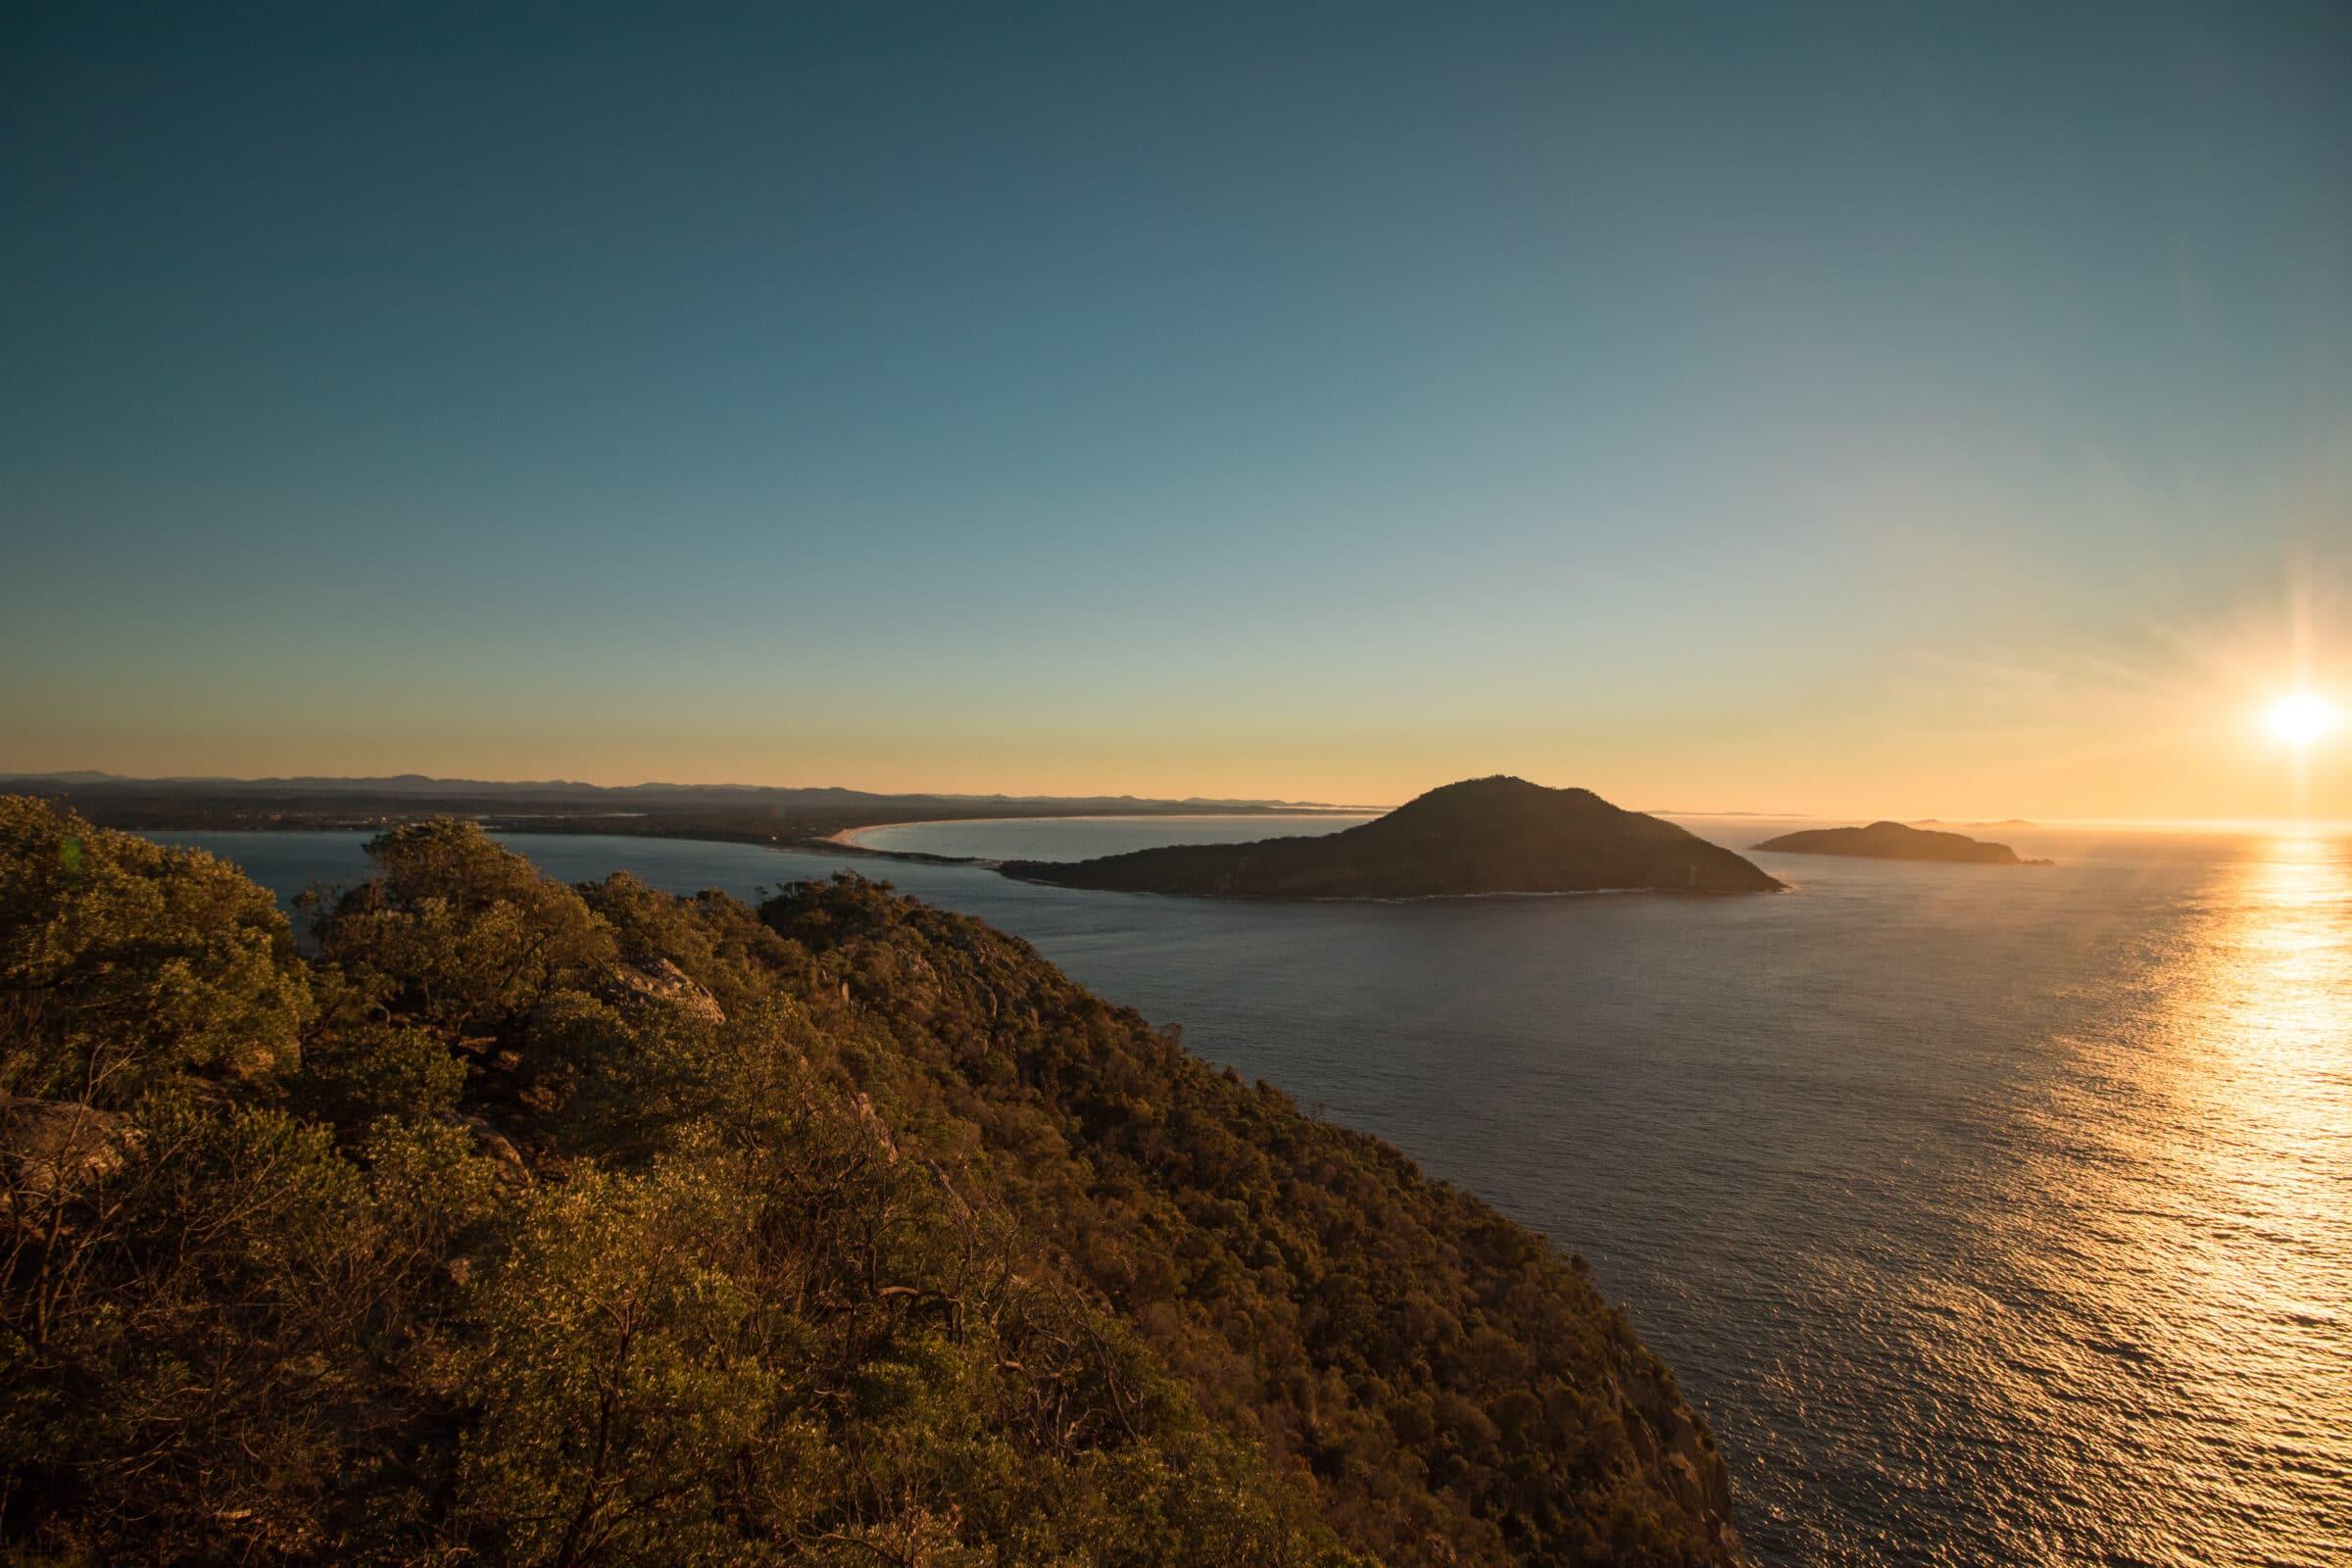 Port Stephens Pampering Weekend